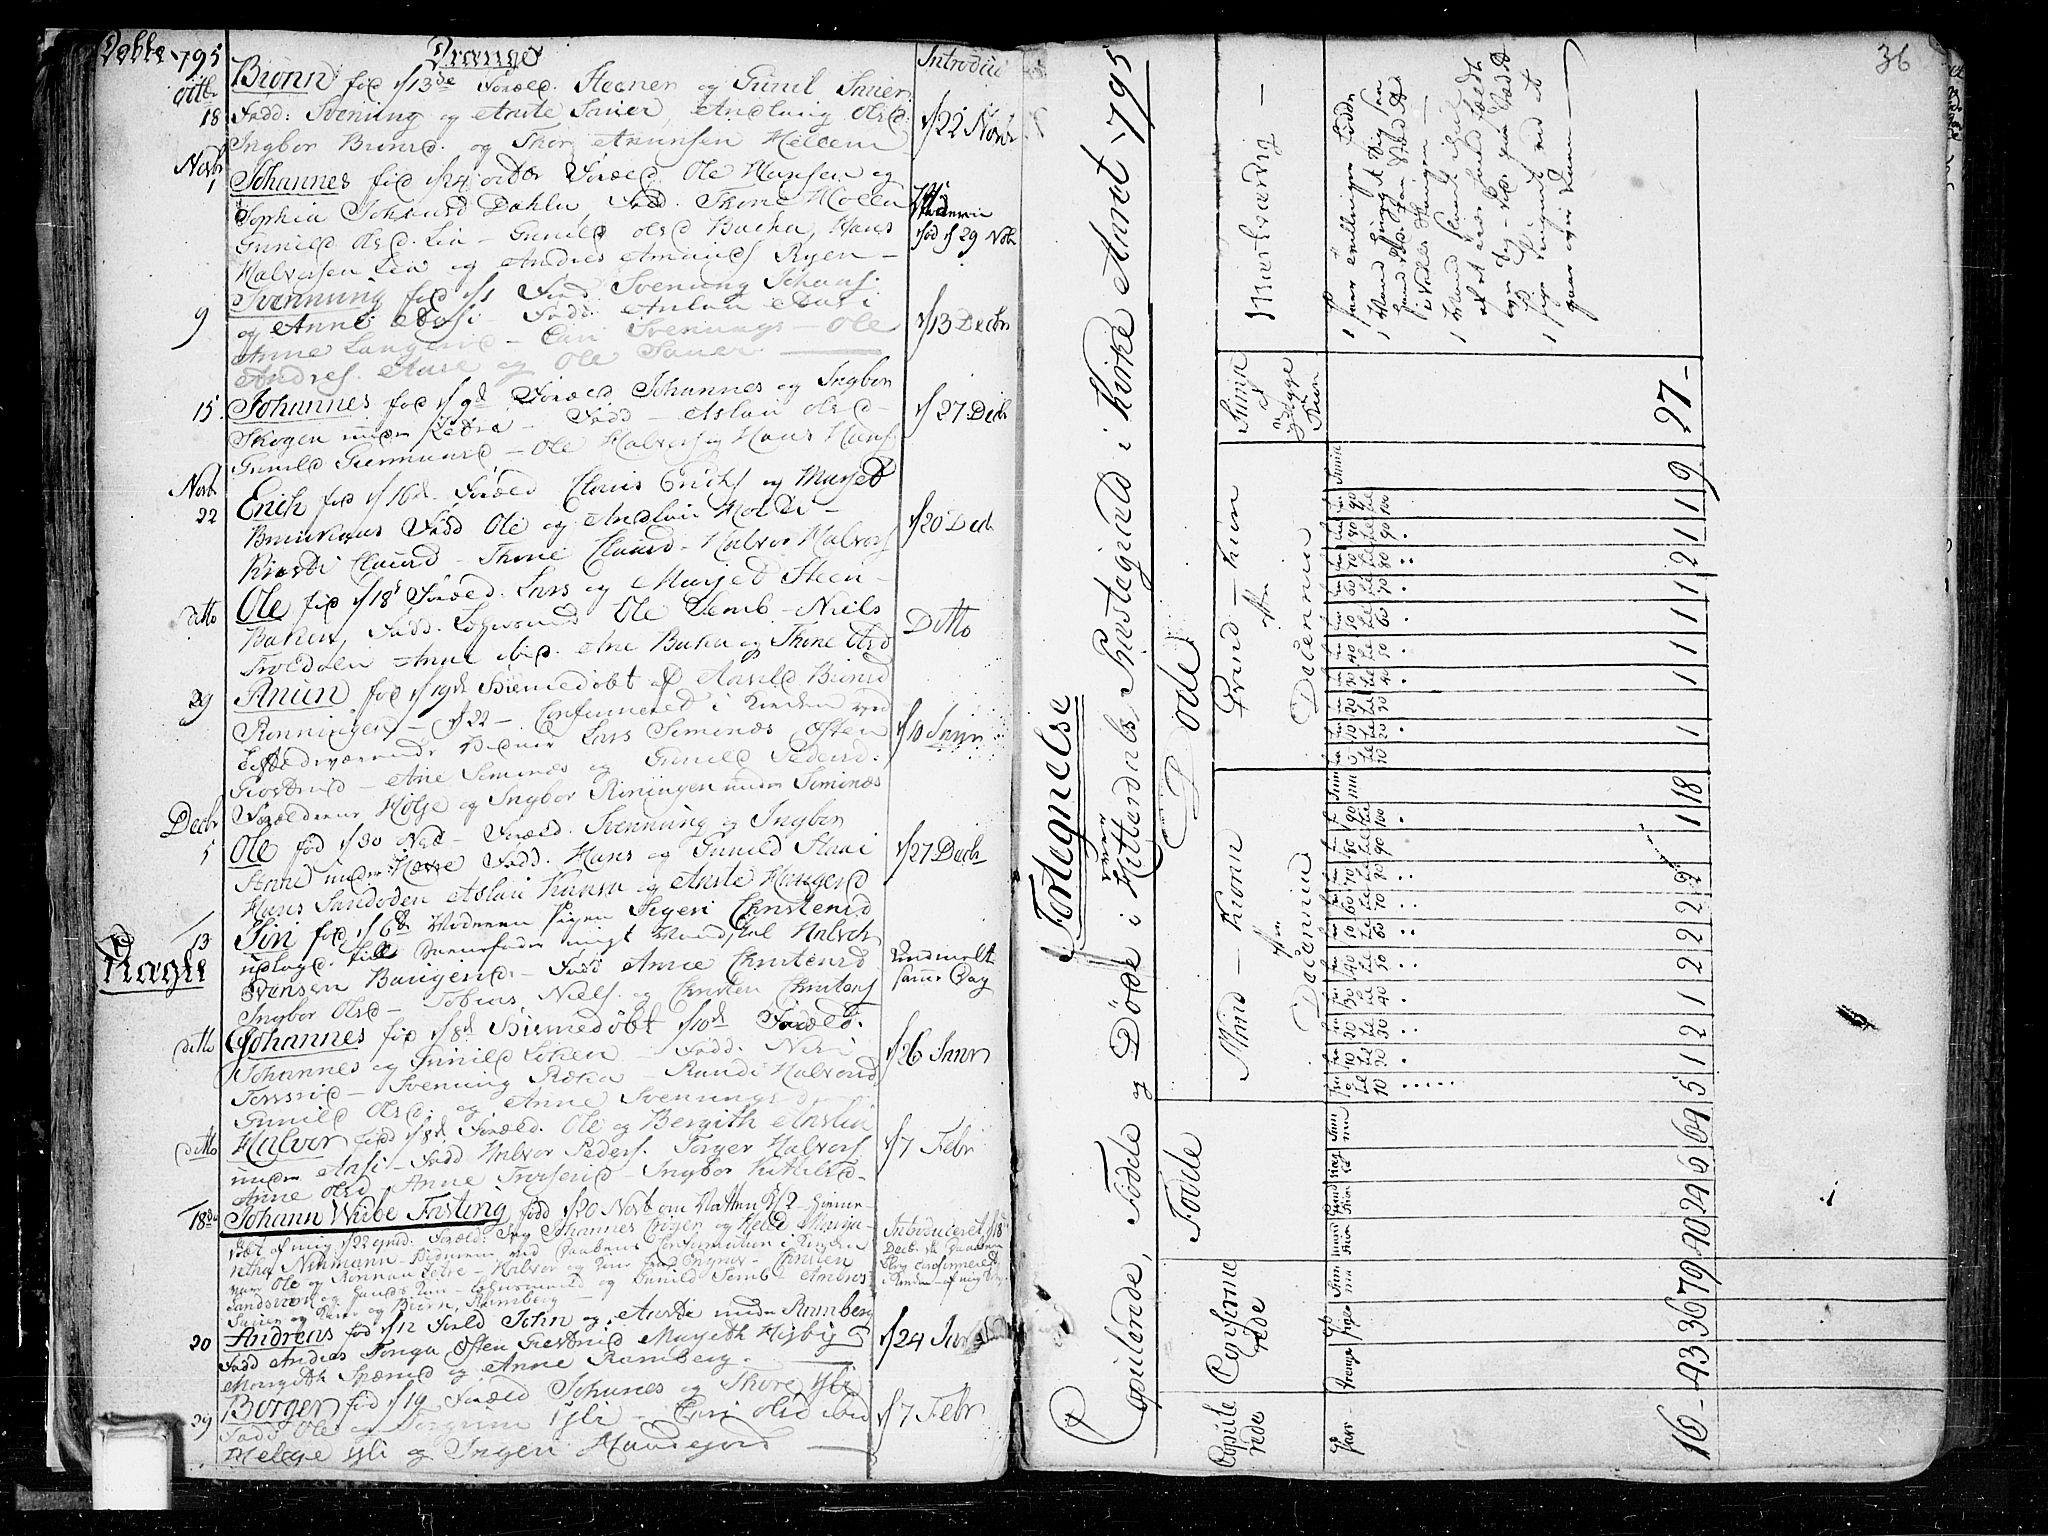 SAKO, Heddal kirkebøker, F/Fa/L0004: Ministerialbok nr. I 4, 1784-1814, s. 36